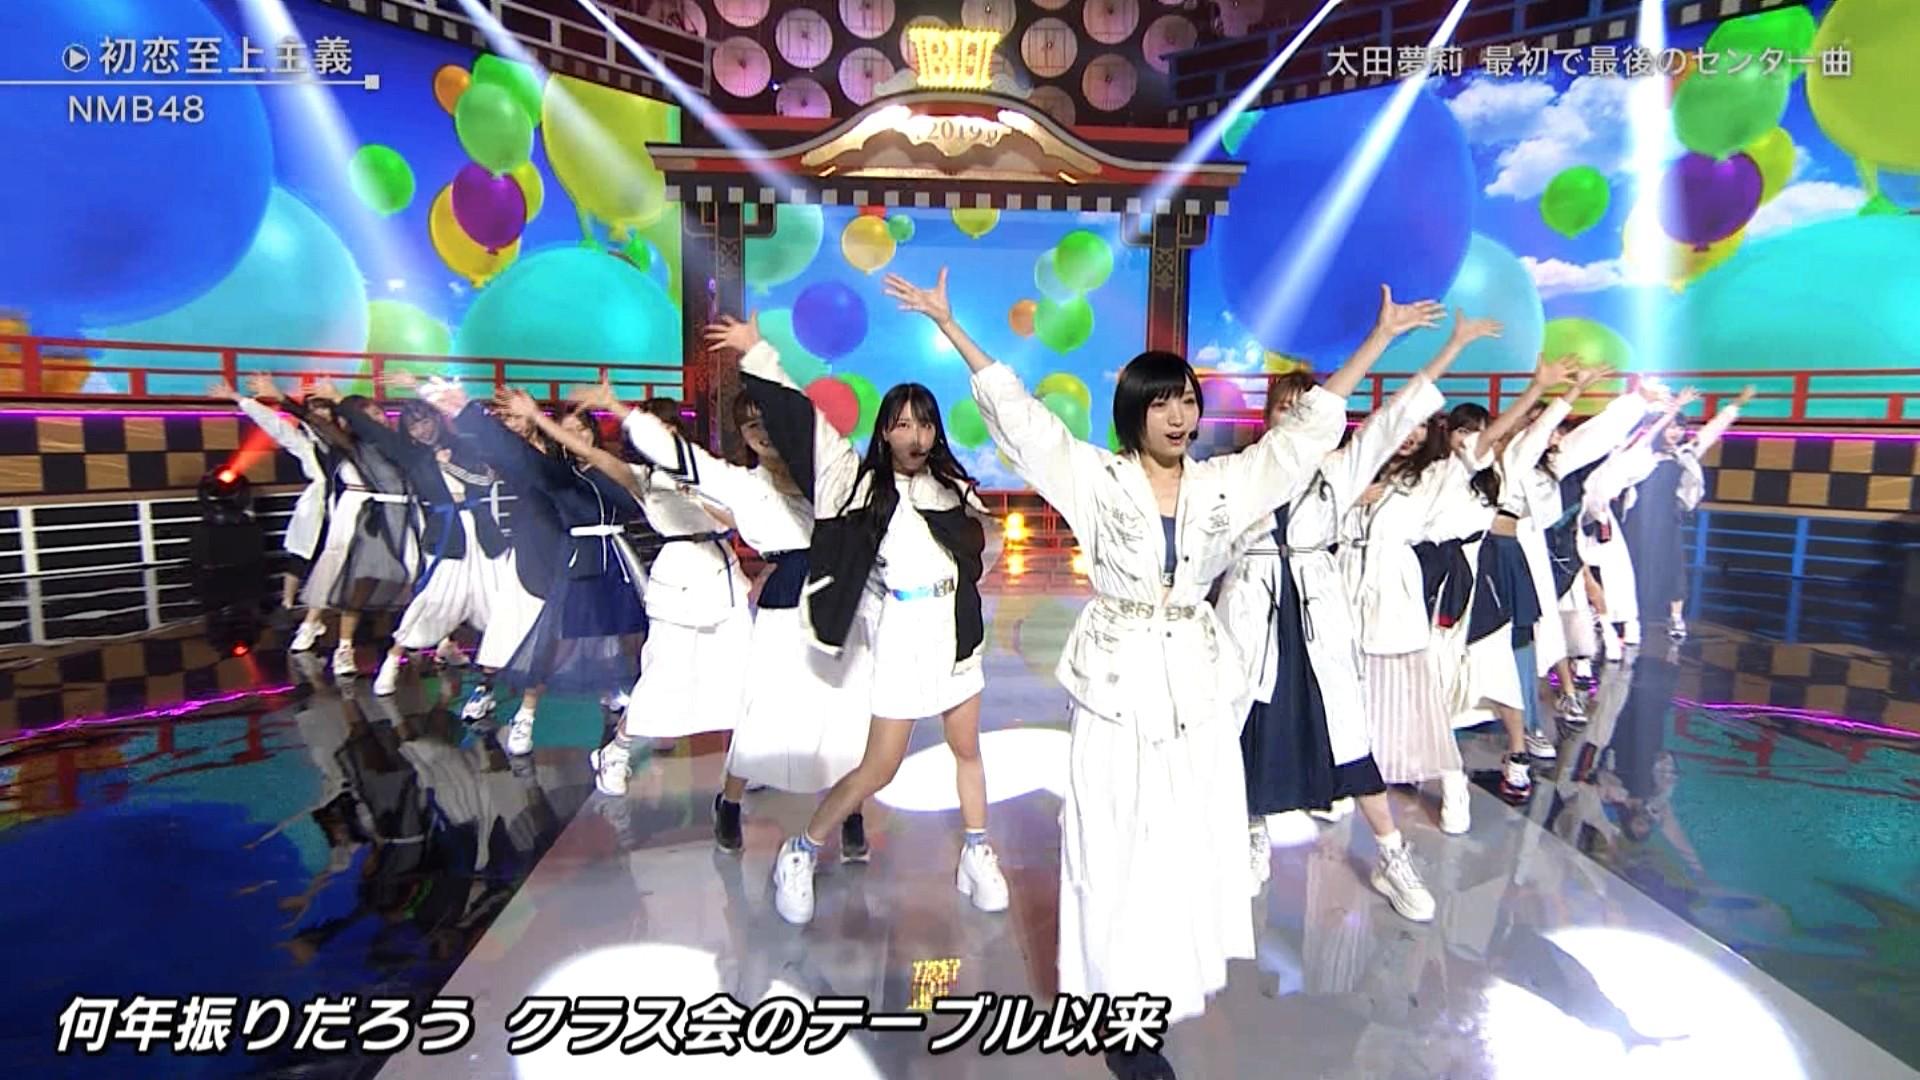 【NMB48】新選抜が出演した11月13日放送「ベストヒット歌謡祭」の画像。初恋至上主義を披露